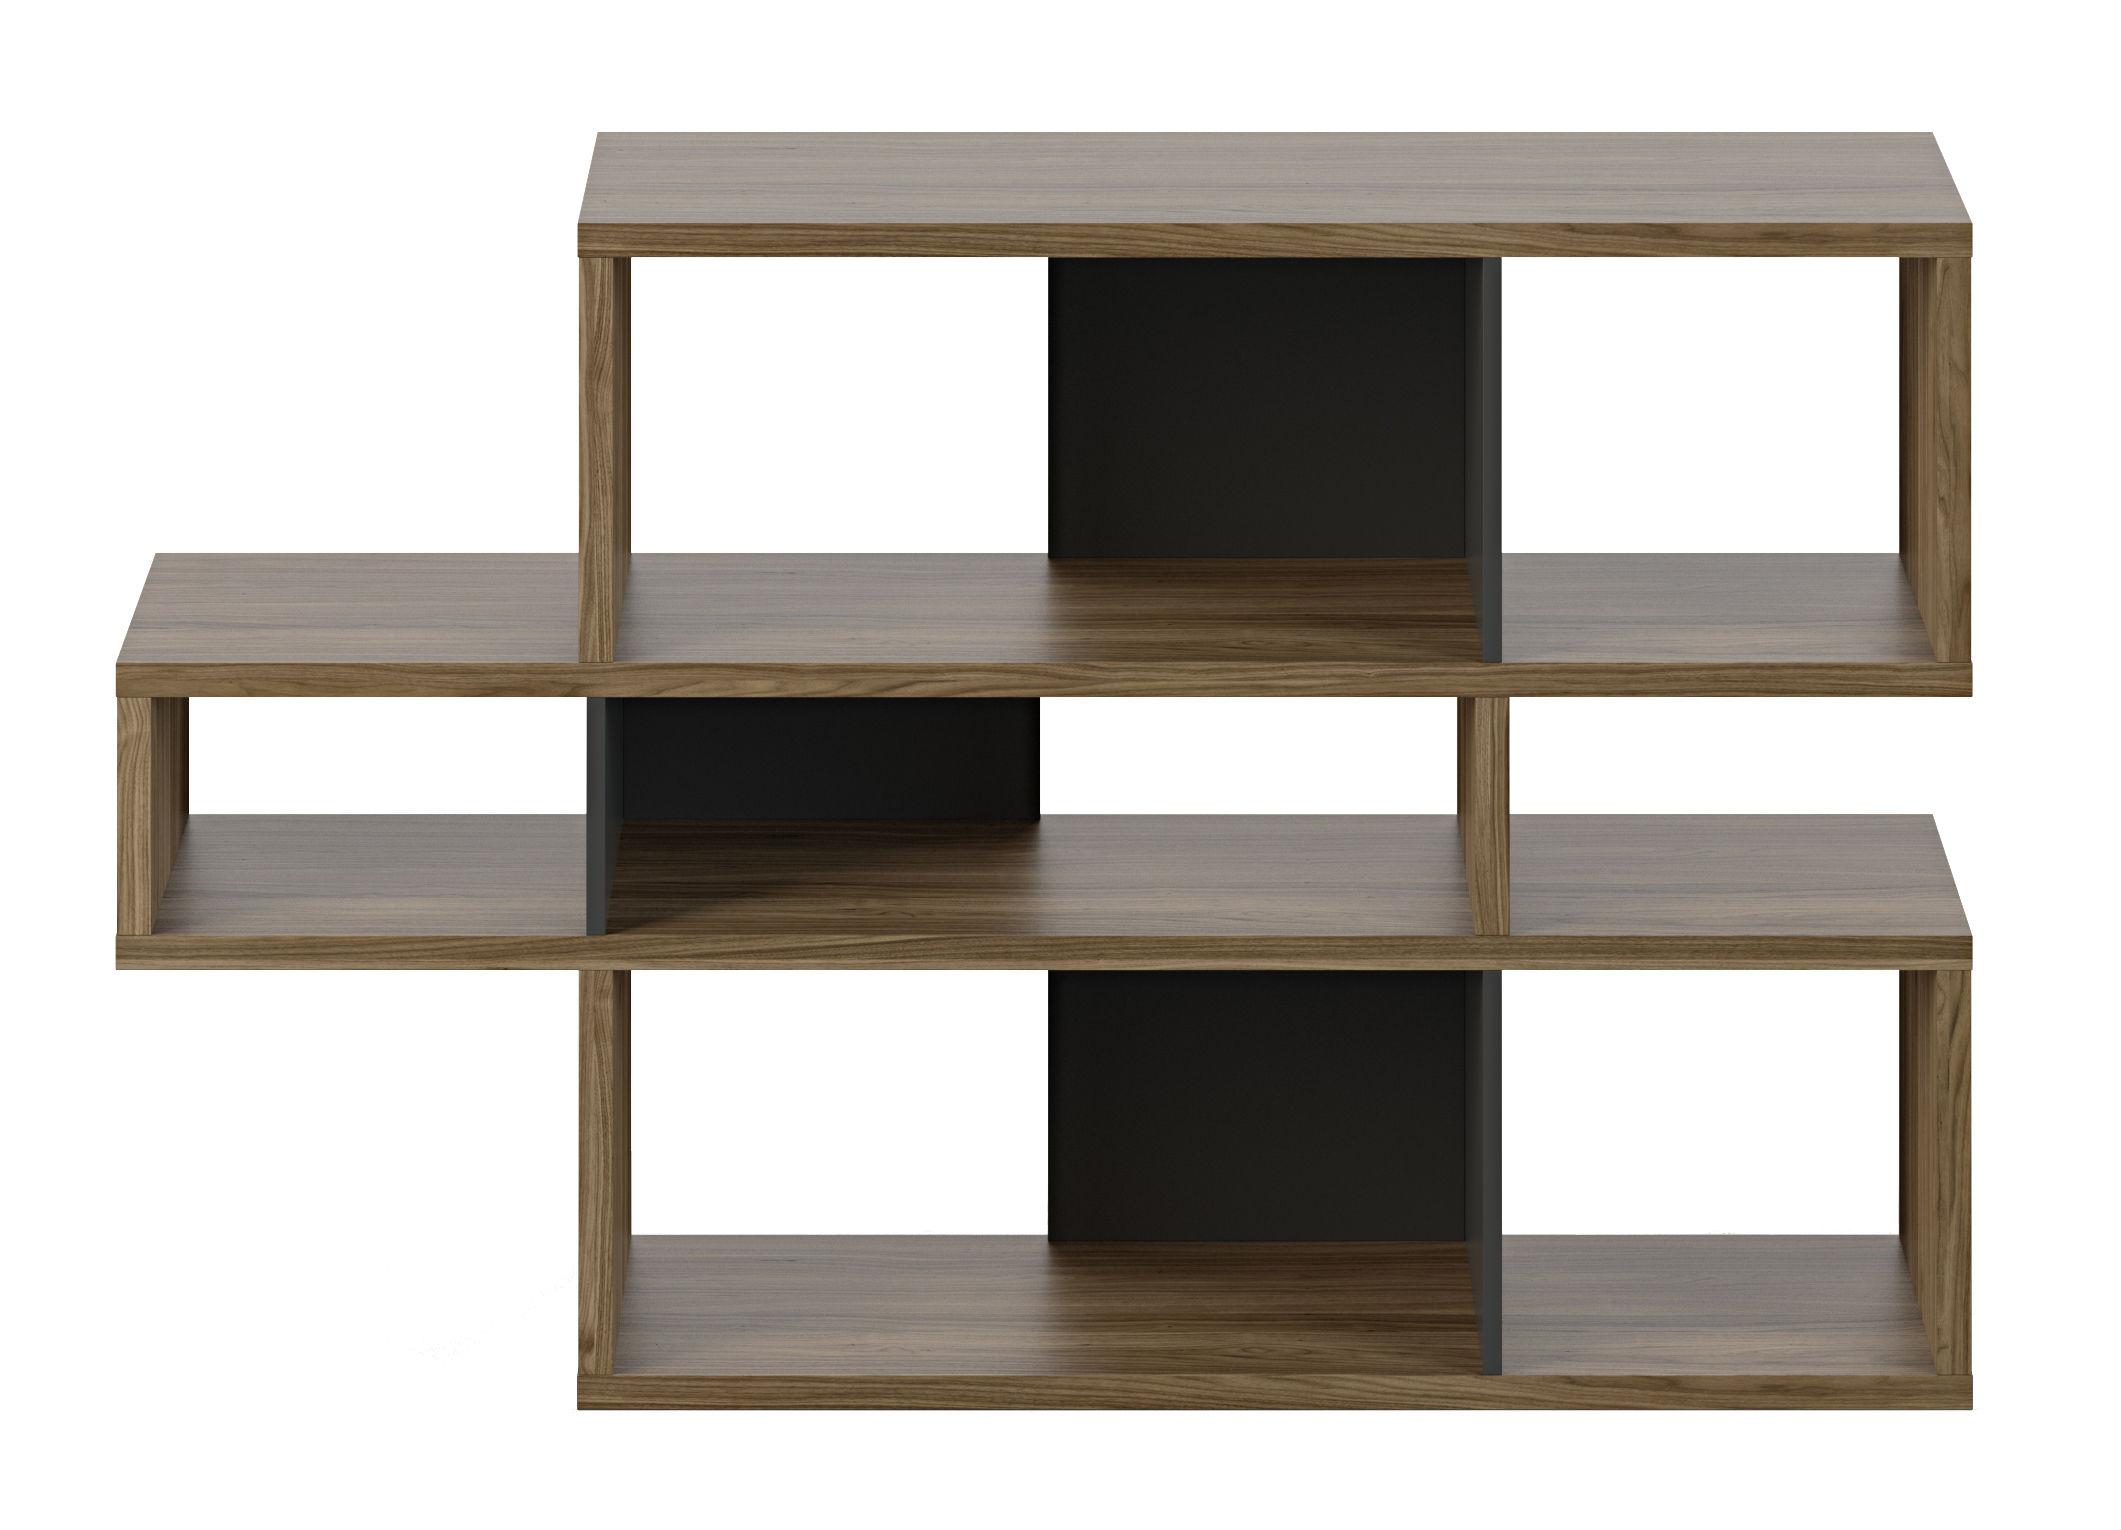 biblioth que shift 01 l 156 x h 100 cm noyer panneaux noirs pop up home. Black Bedroom Furniture Sets. Home Design Ideas